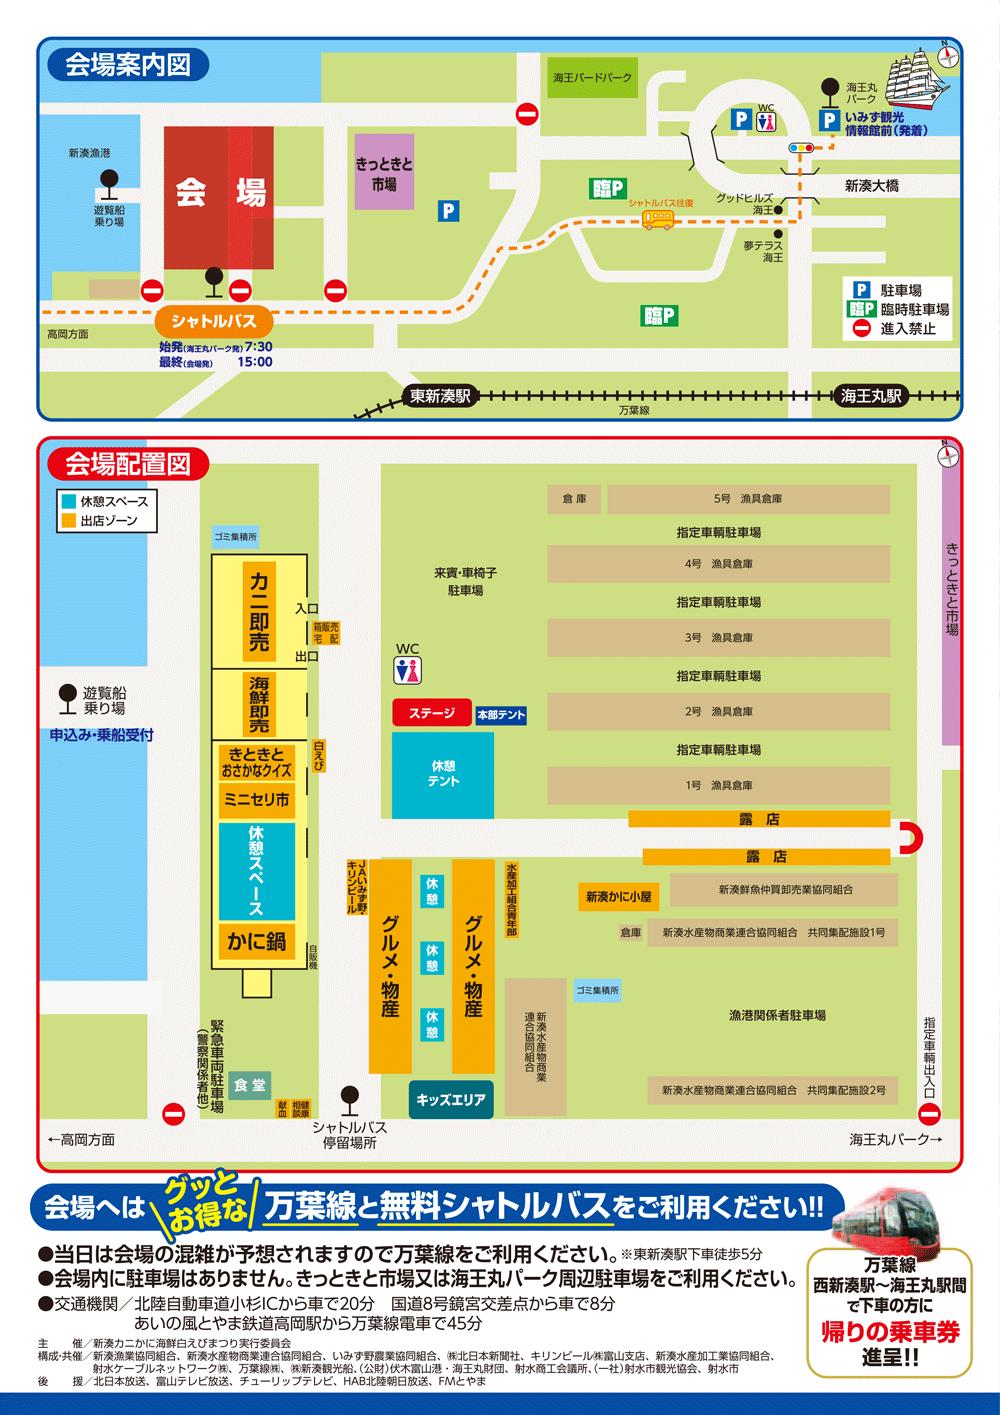 射水市新湊漁港で開催される「カニかに海鮮白えびまつり2019」の会場マップ